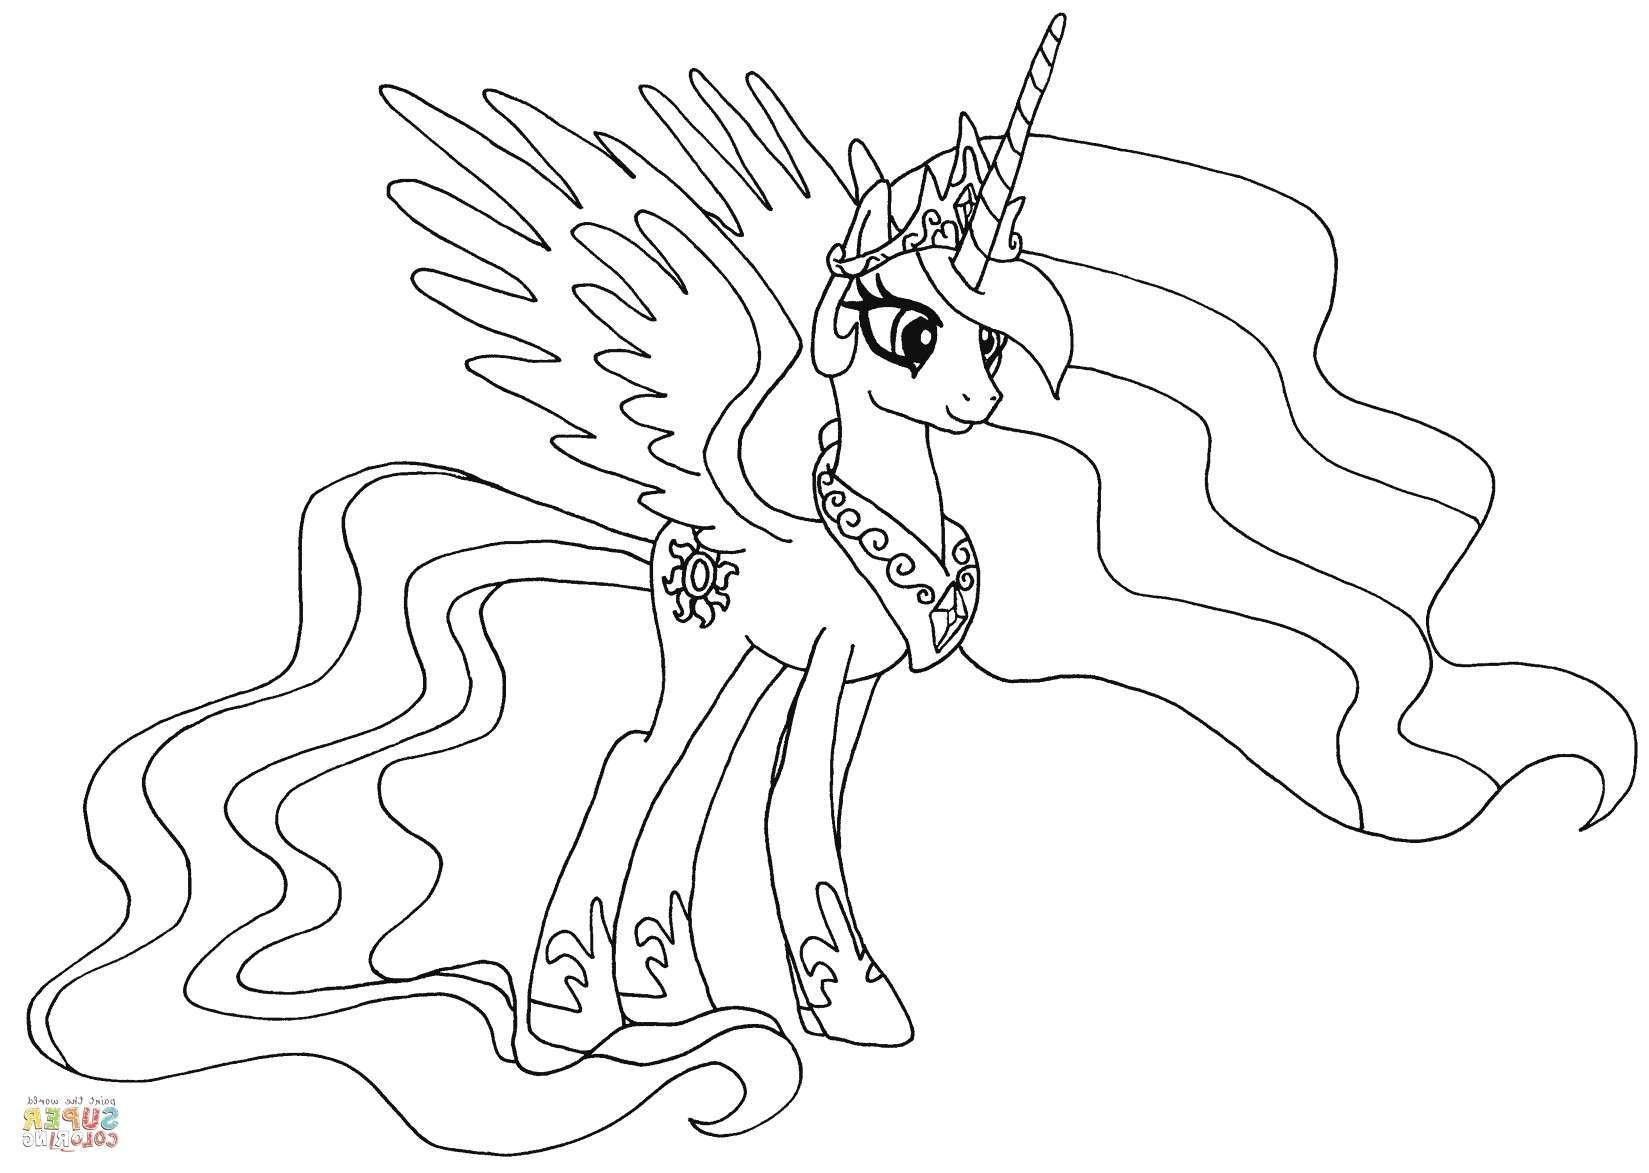 Ausmalbilder My Little Pony Equestria Das Beste Von 47 Neu Ausmalbilder My Little Pony Luna Beste Malvorlage Bild